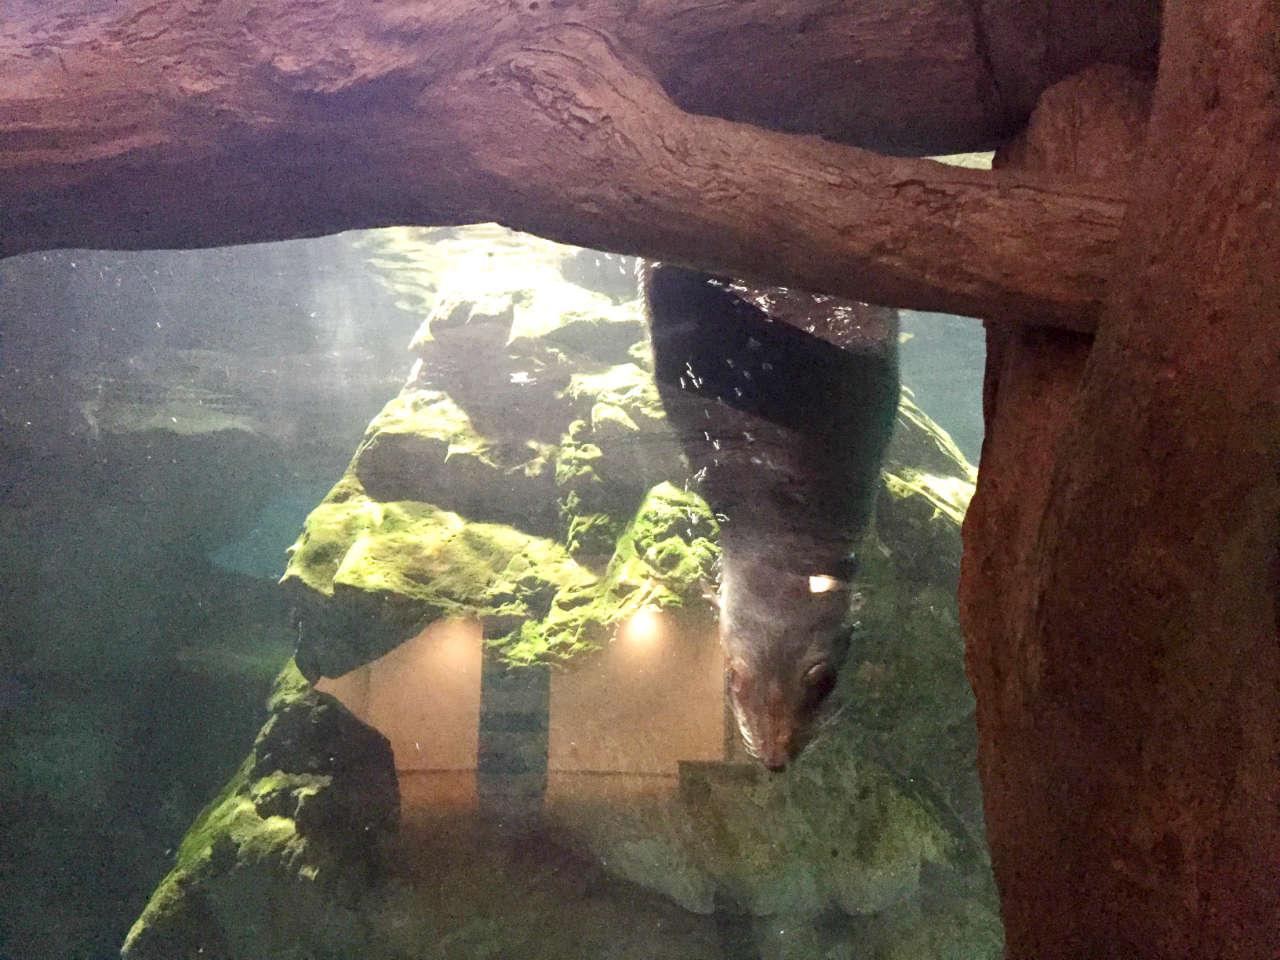 kyoto-aquarium-ashika2